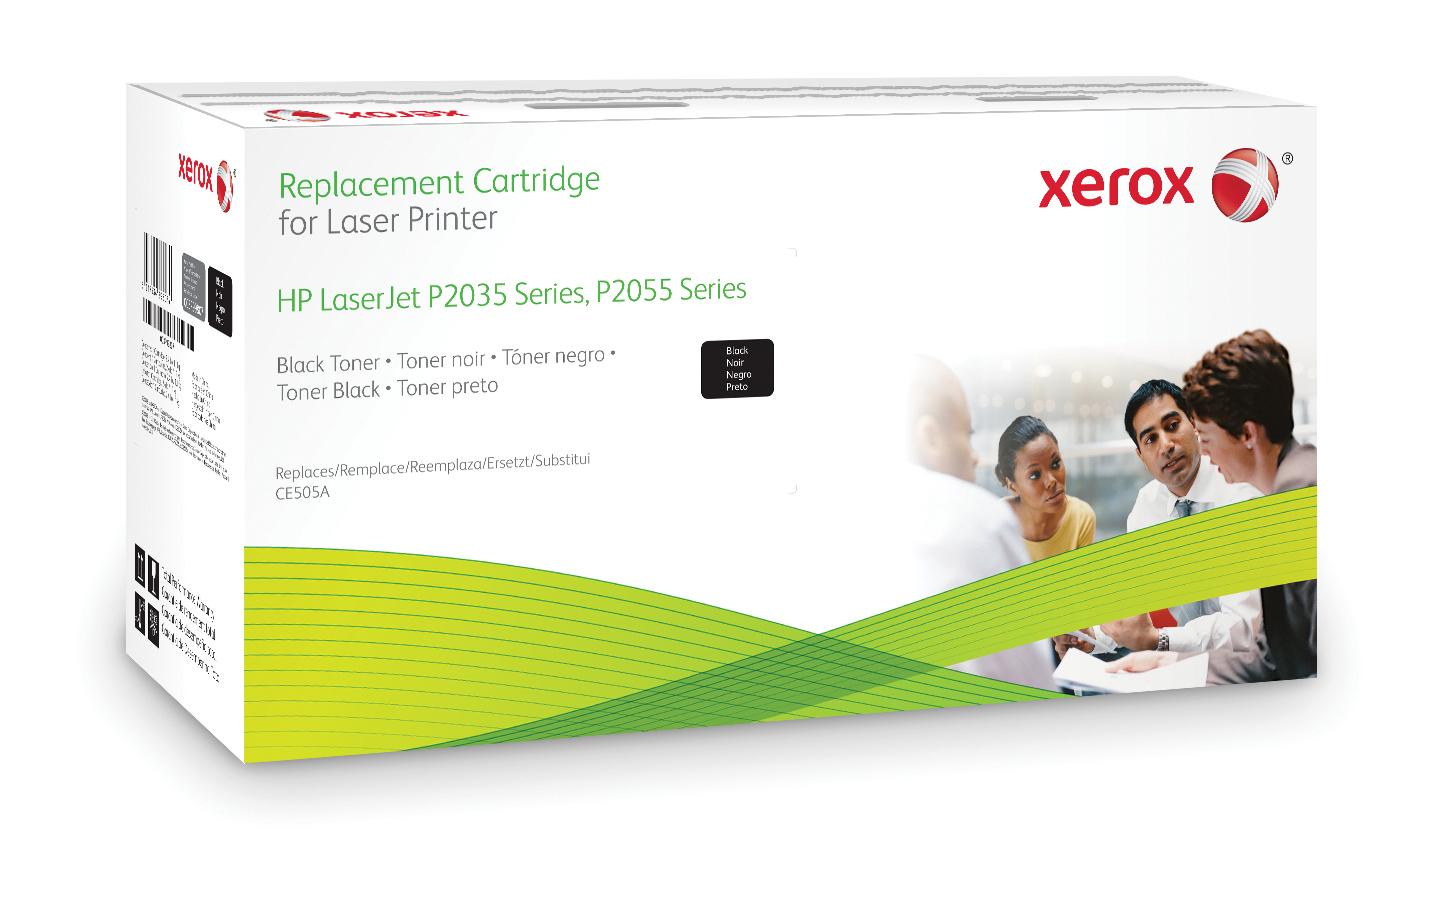 Xerox Cartucho de tóner negro. Equivalente a HP CE505A. Compatible con HP LaserJet P2035, LaserJet P2055